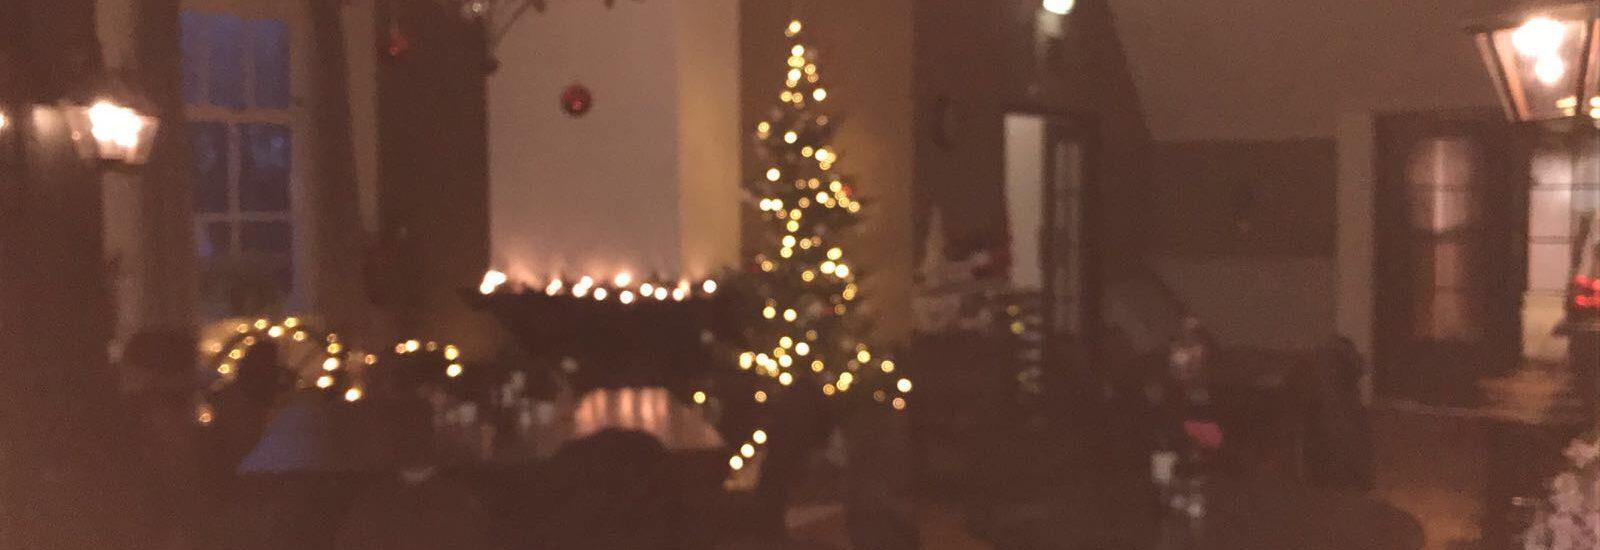 Kerst bij sallandshoeve